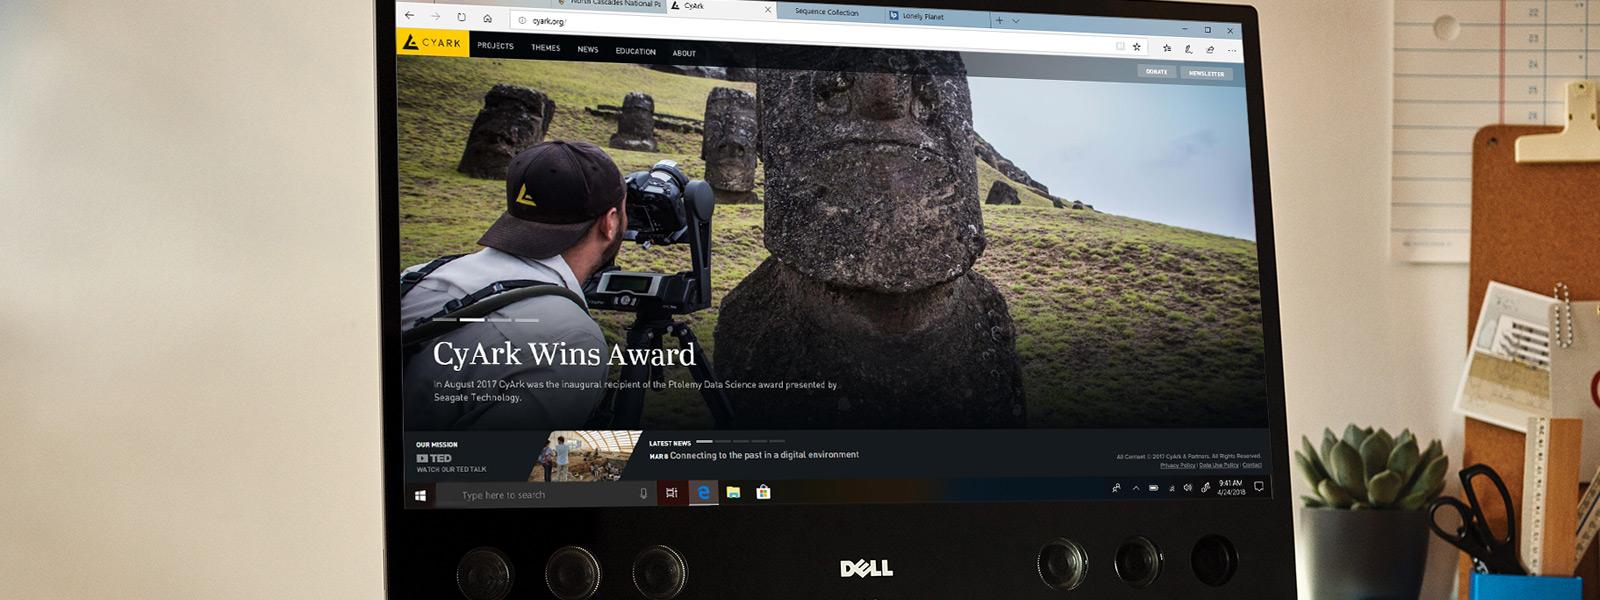 Monitor de computador numa secretária com o browser Microsoft Edge a apresentar um vídeo 4K Ultra HD